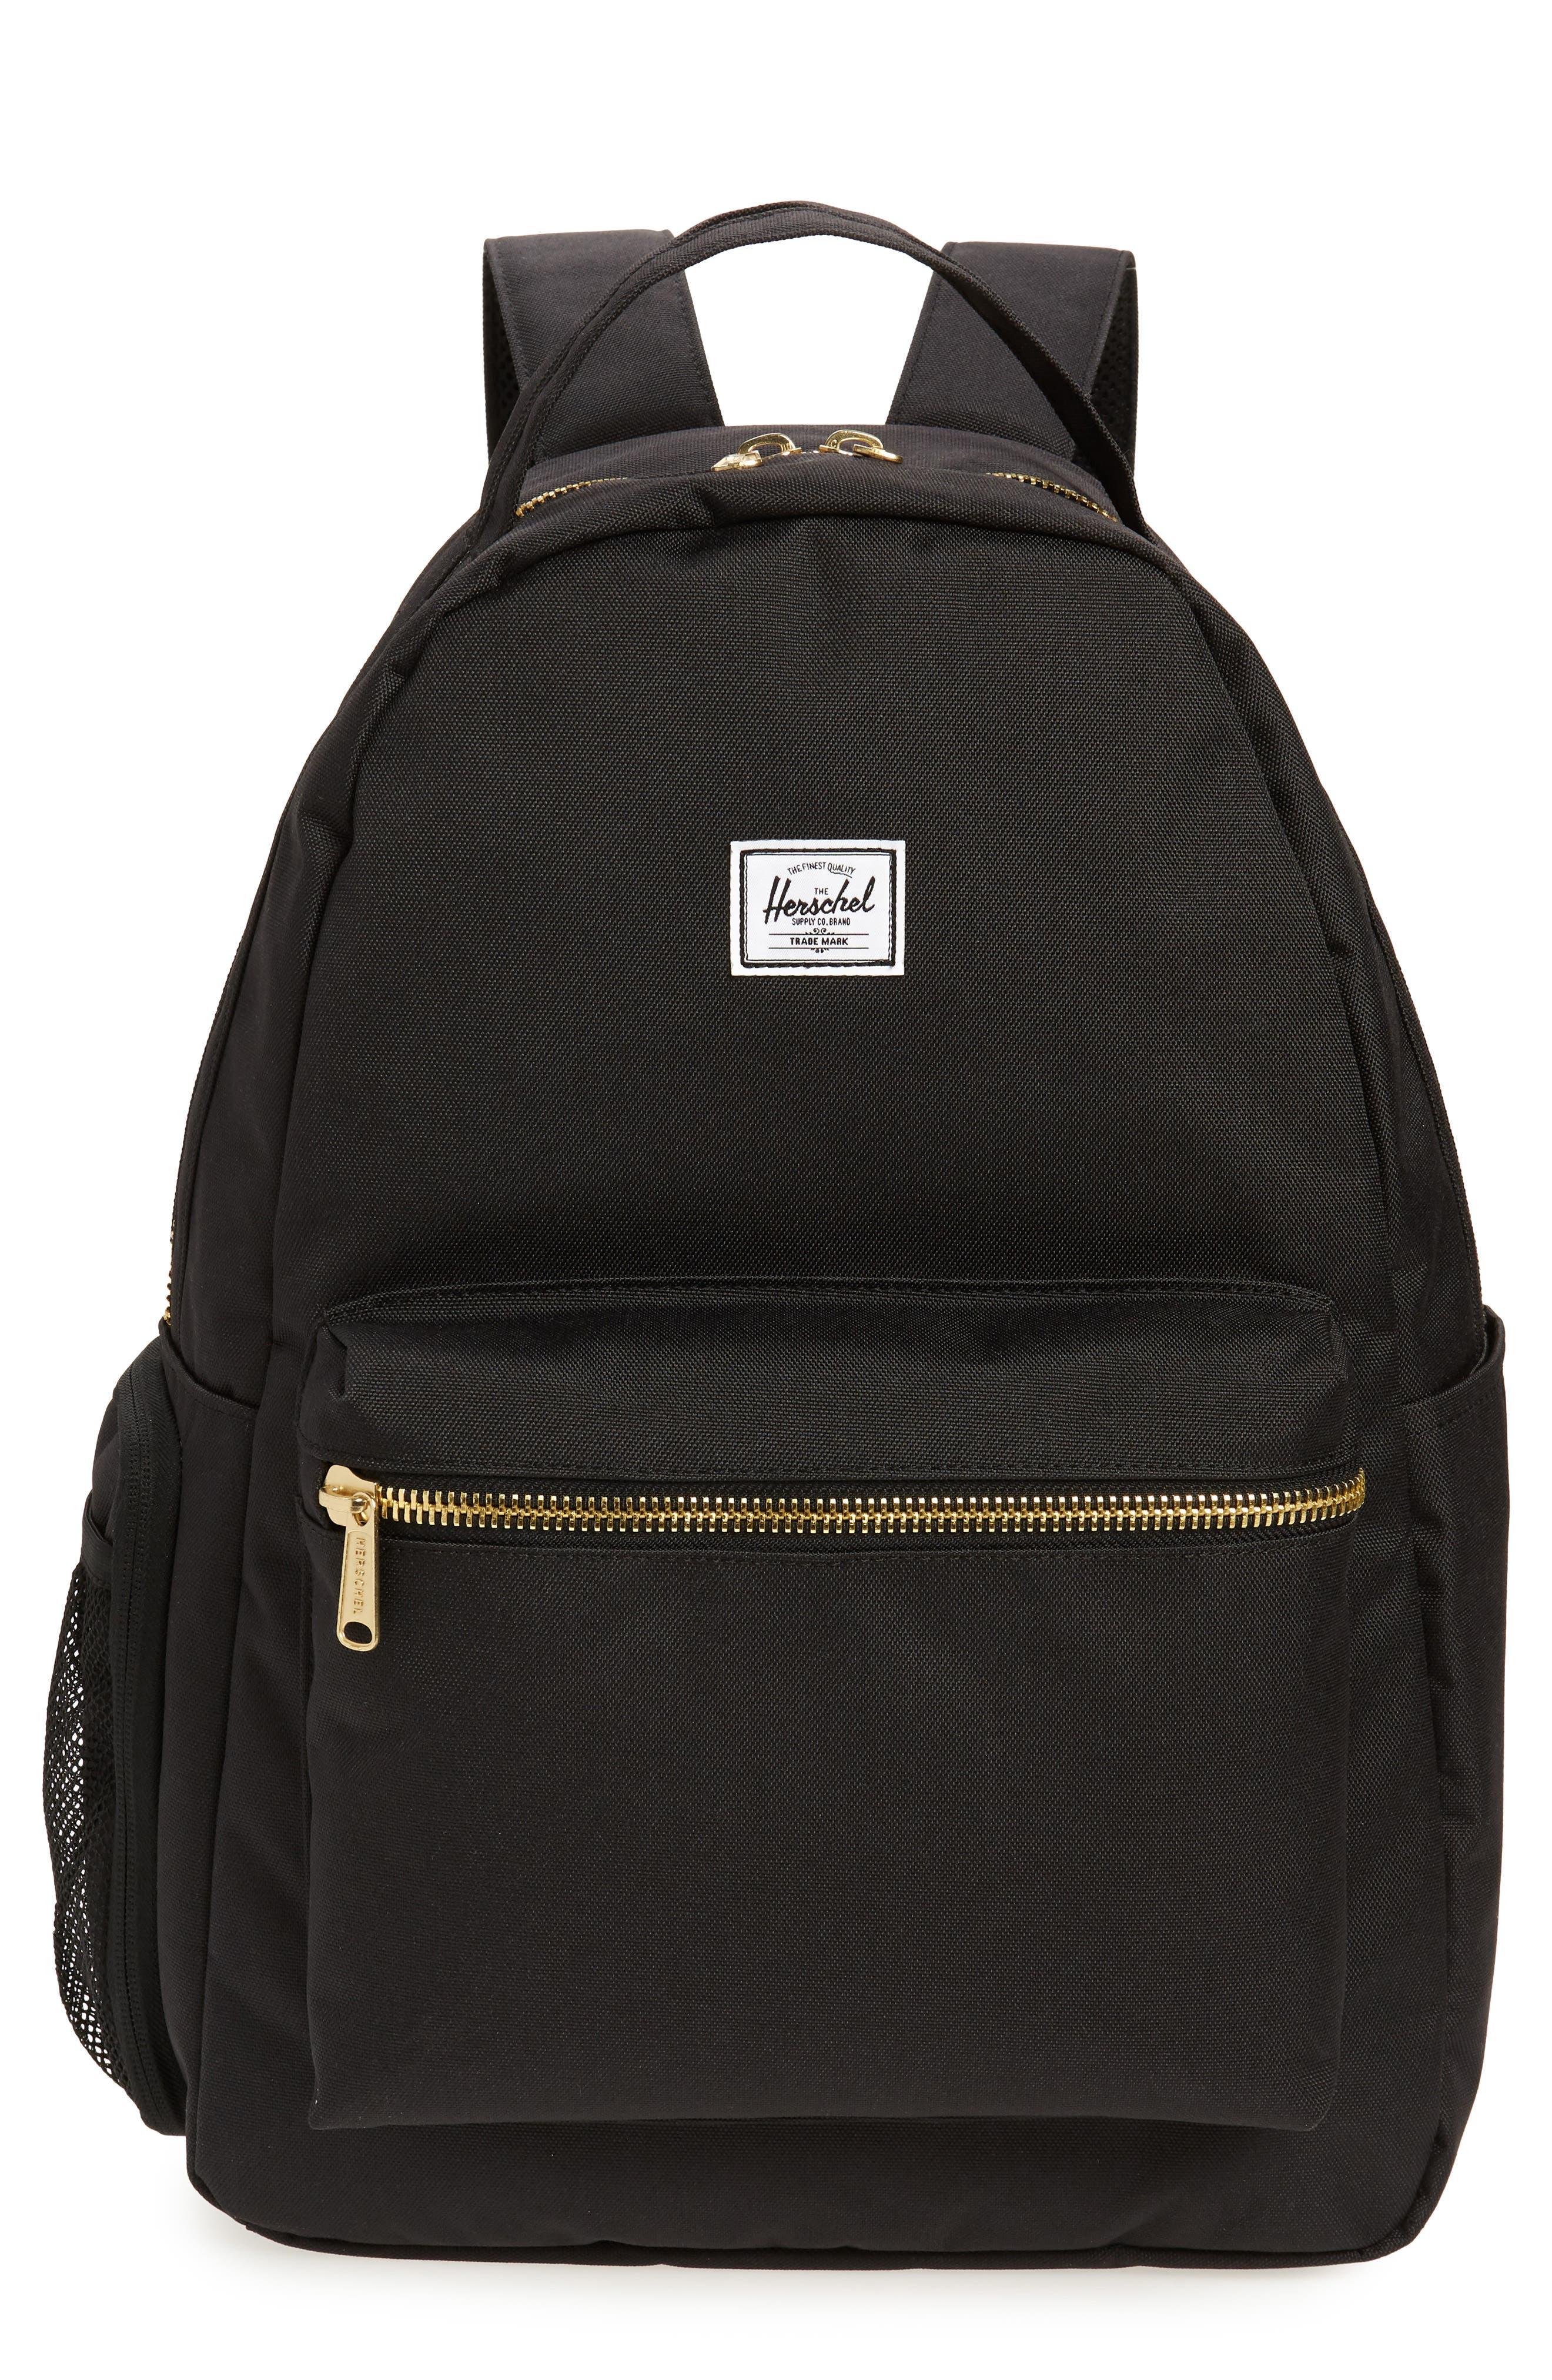 Infant Herschel Supply Co Nova Sprout Diaper Backpack  Black